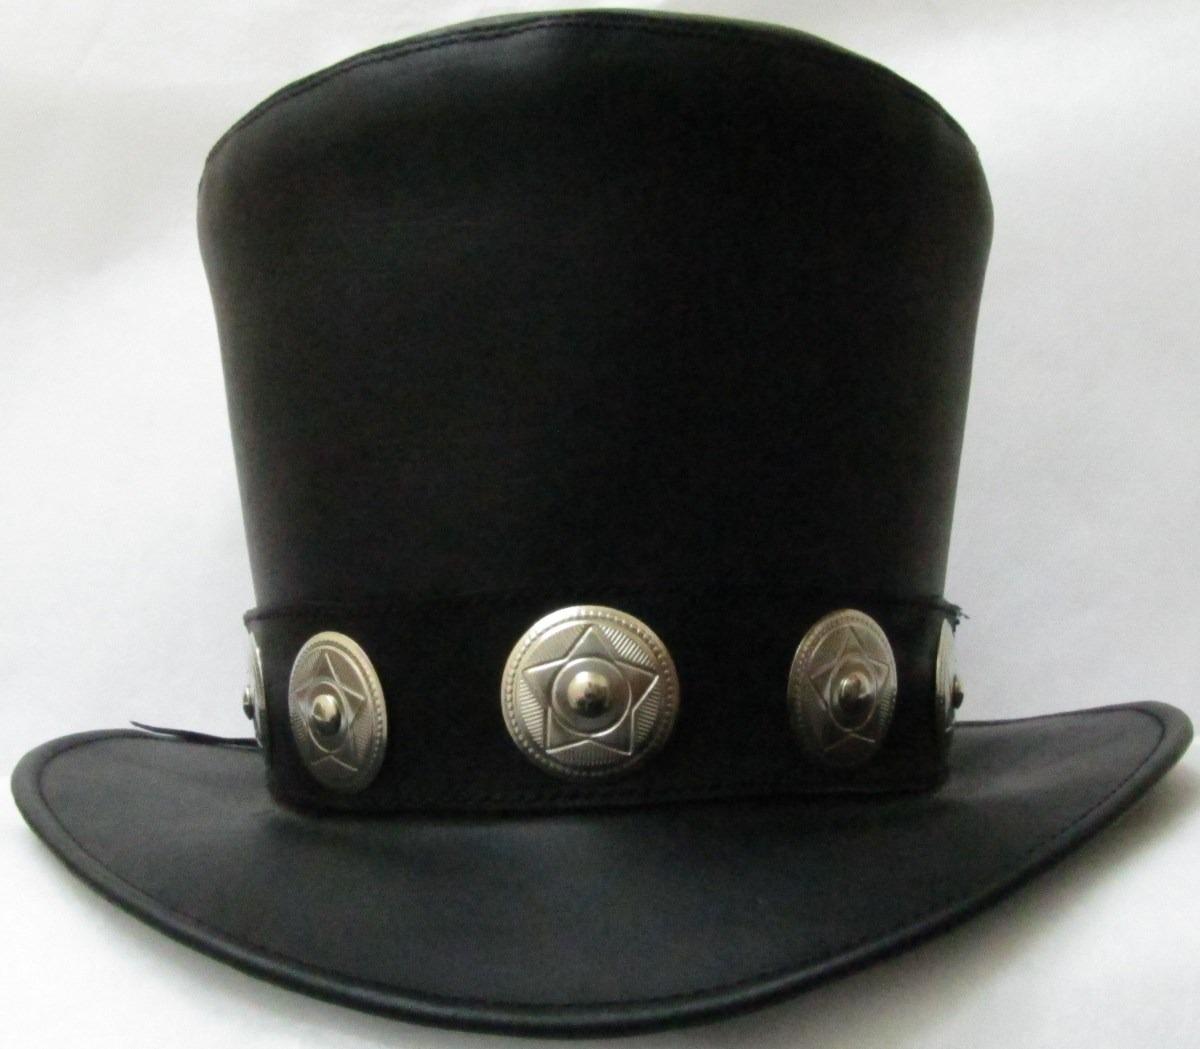 Sombrero De Piel Slash -   690.00 en Mercado Libre 1849cb9b4cd